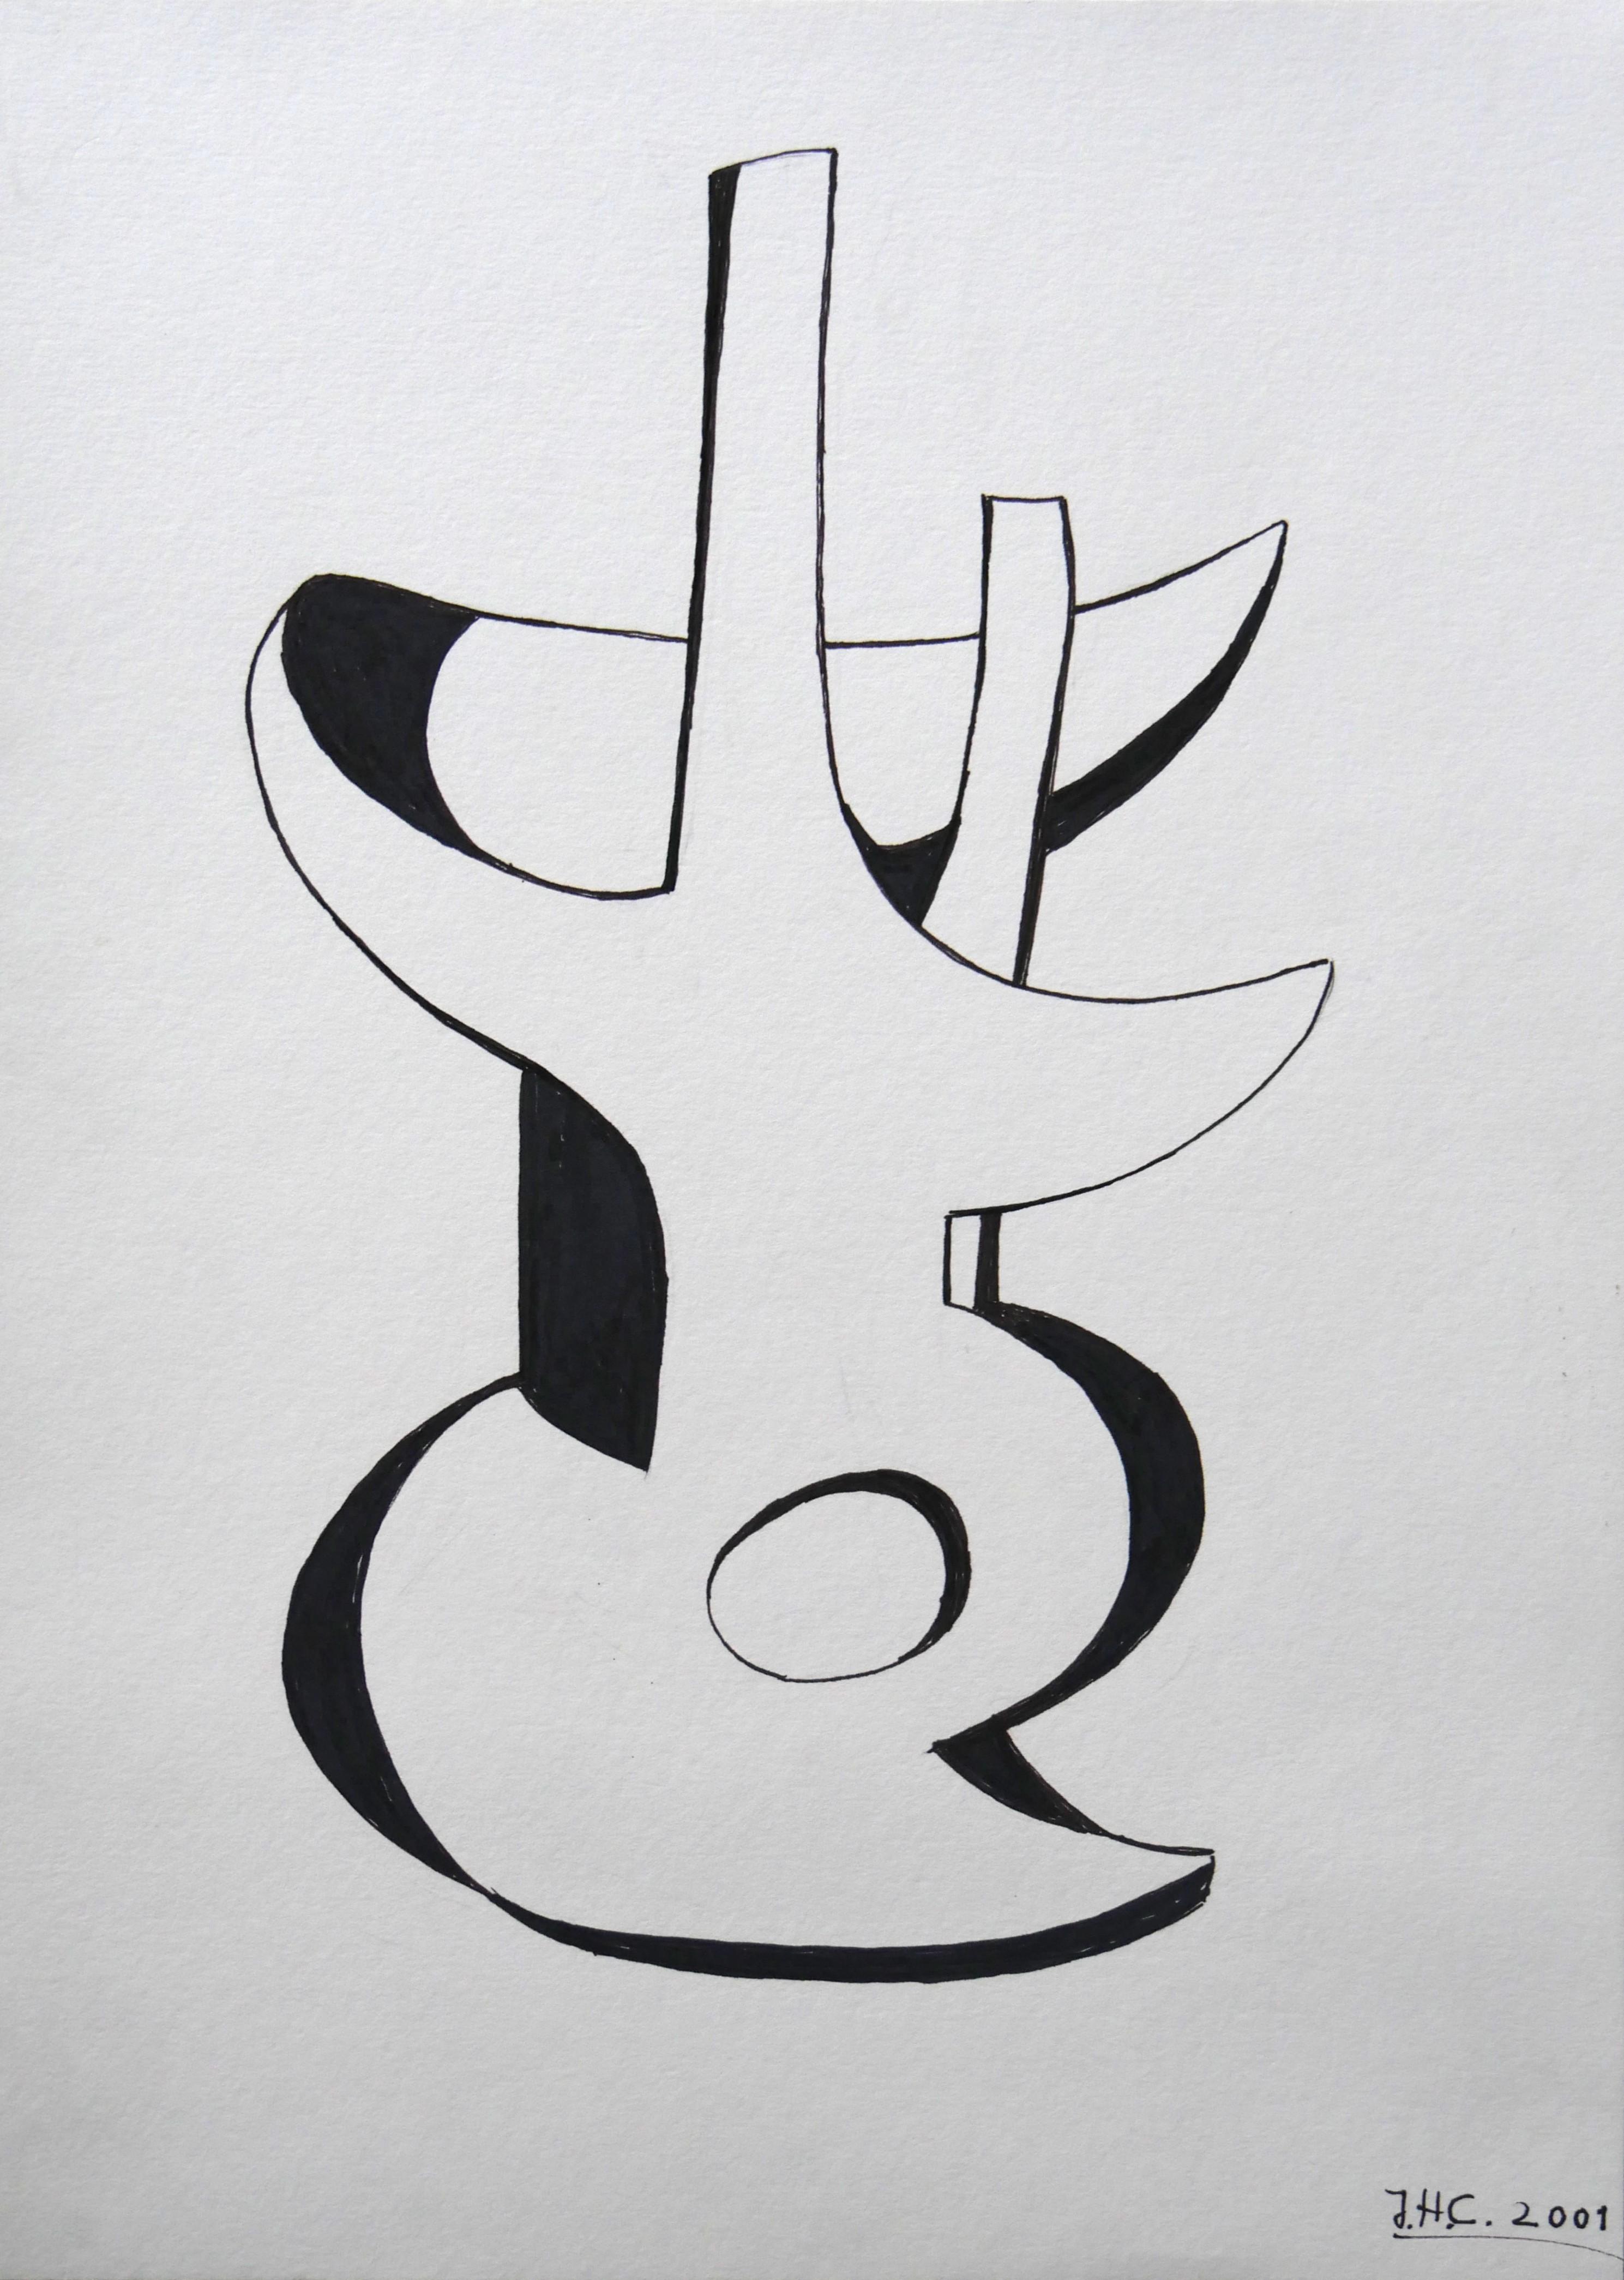 """2001.1. Forma abstracta. 45x 32 cm. Rotulador negro. Dedicado por el autor a su hija Ana """"A mi hija Ana María como recuerdo de un día de su cumpleaños. Jacinto"""". 2001"""